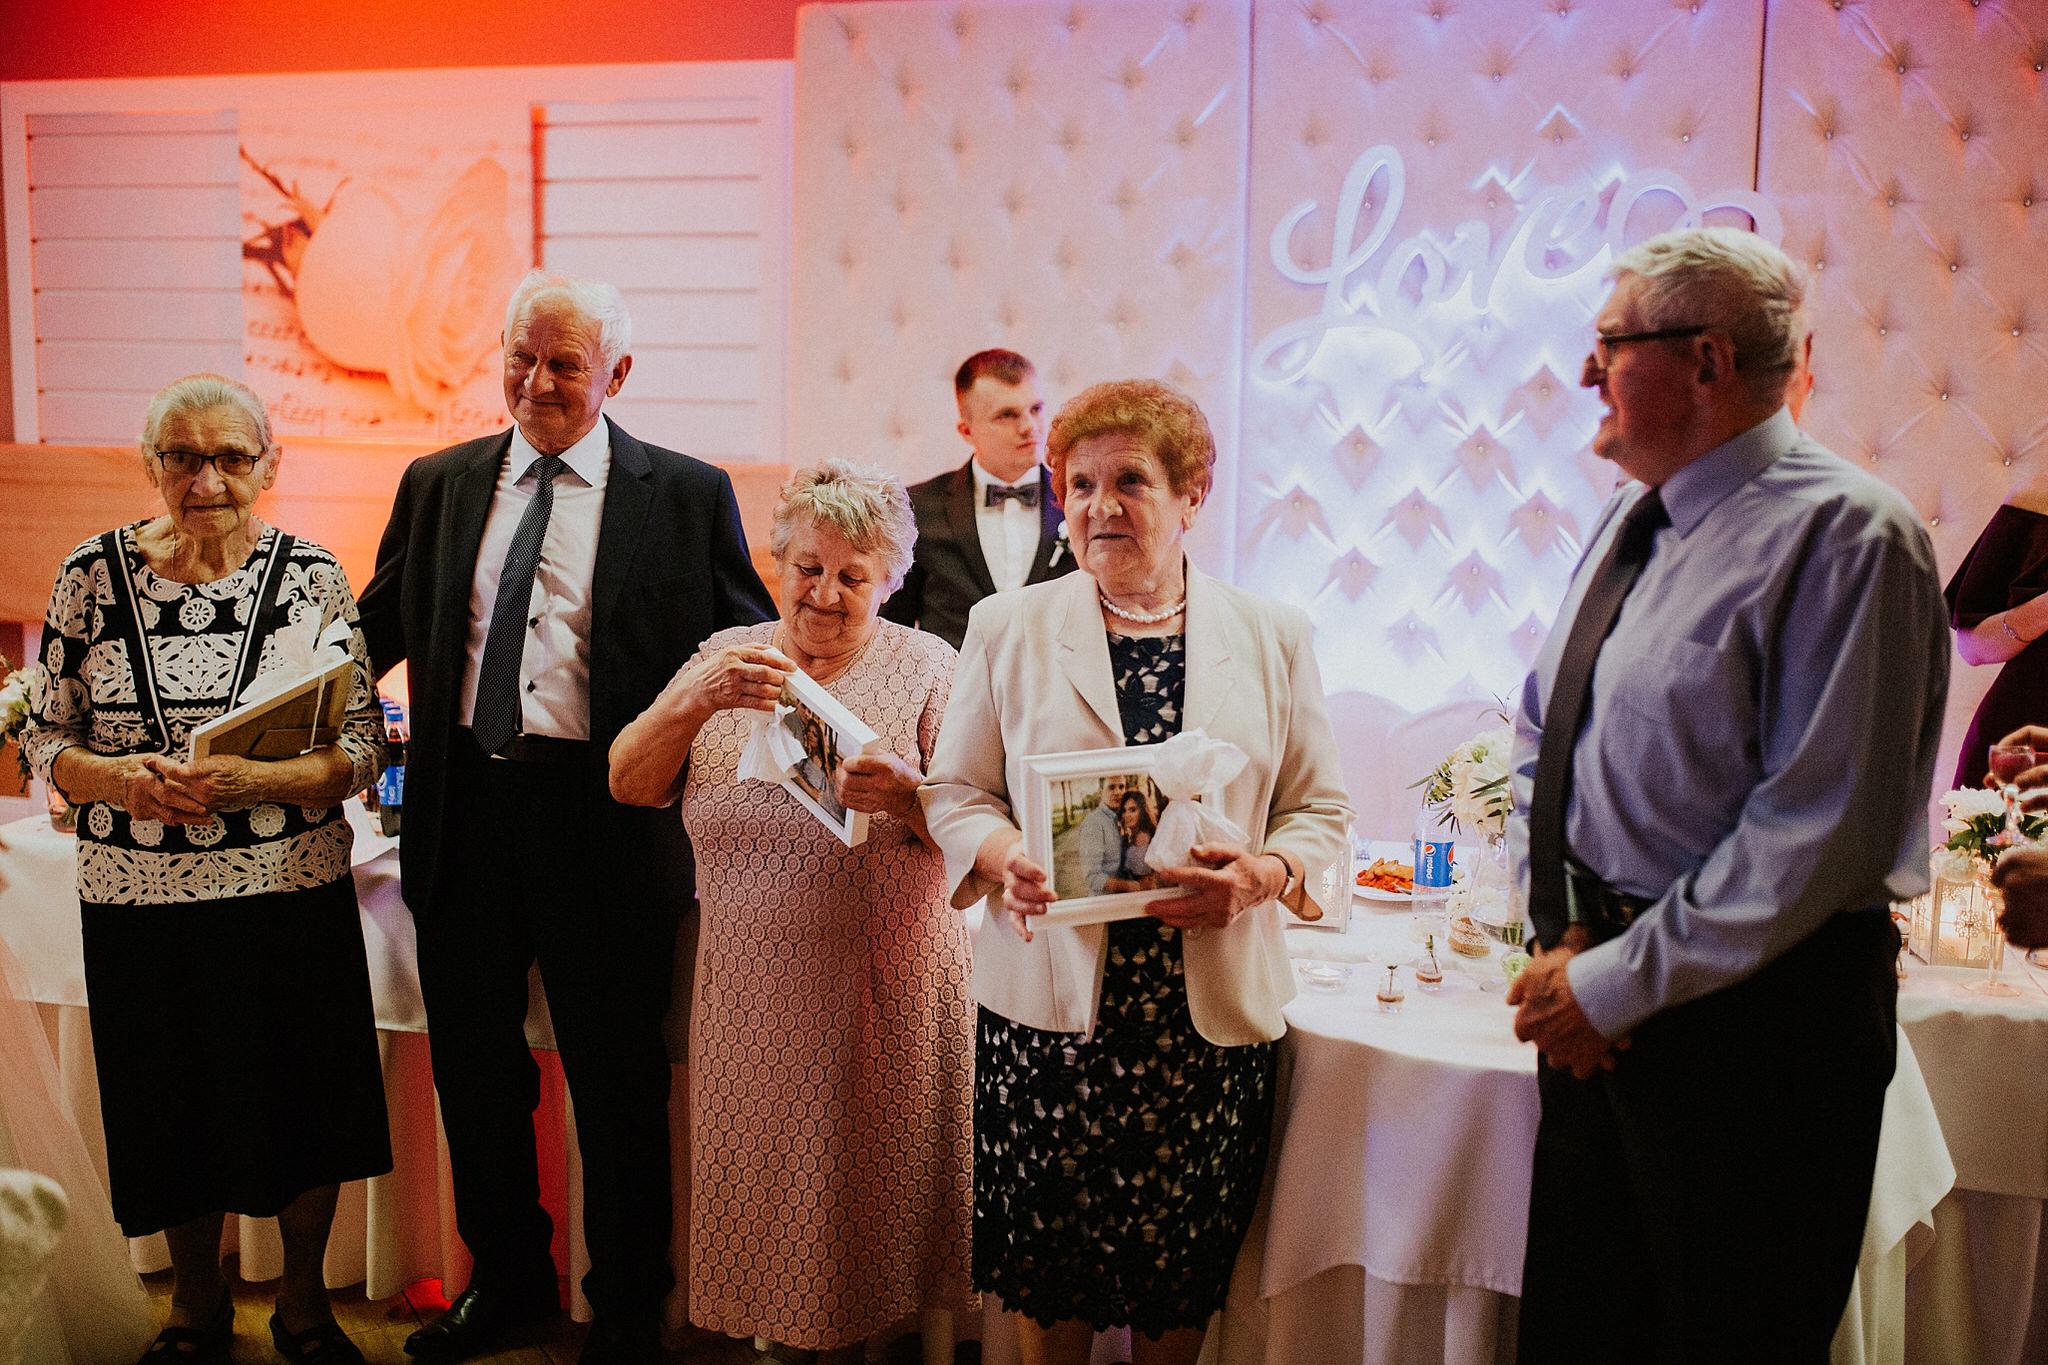 sandramarcin fotograf Karol Nycz www.karolnycz.com 577